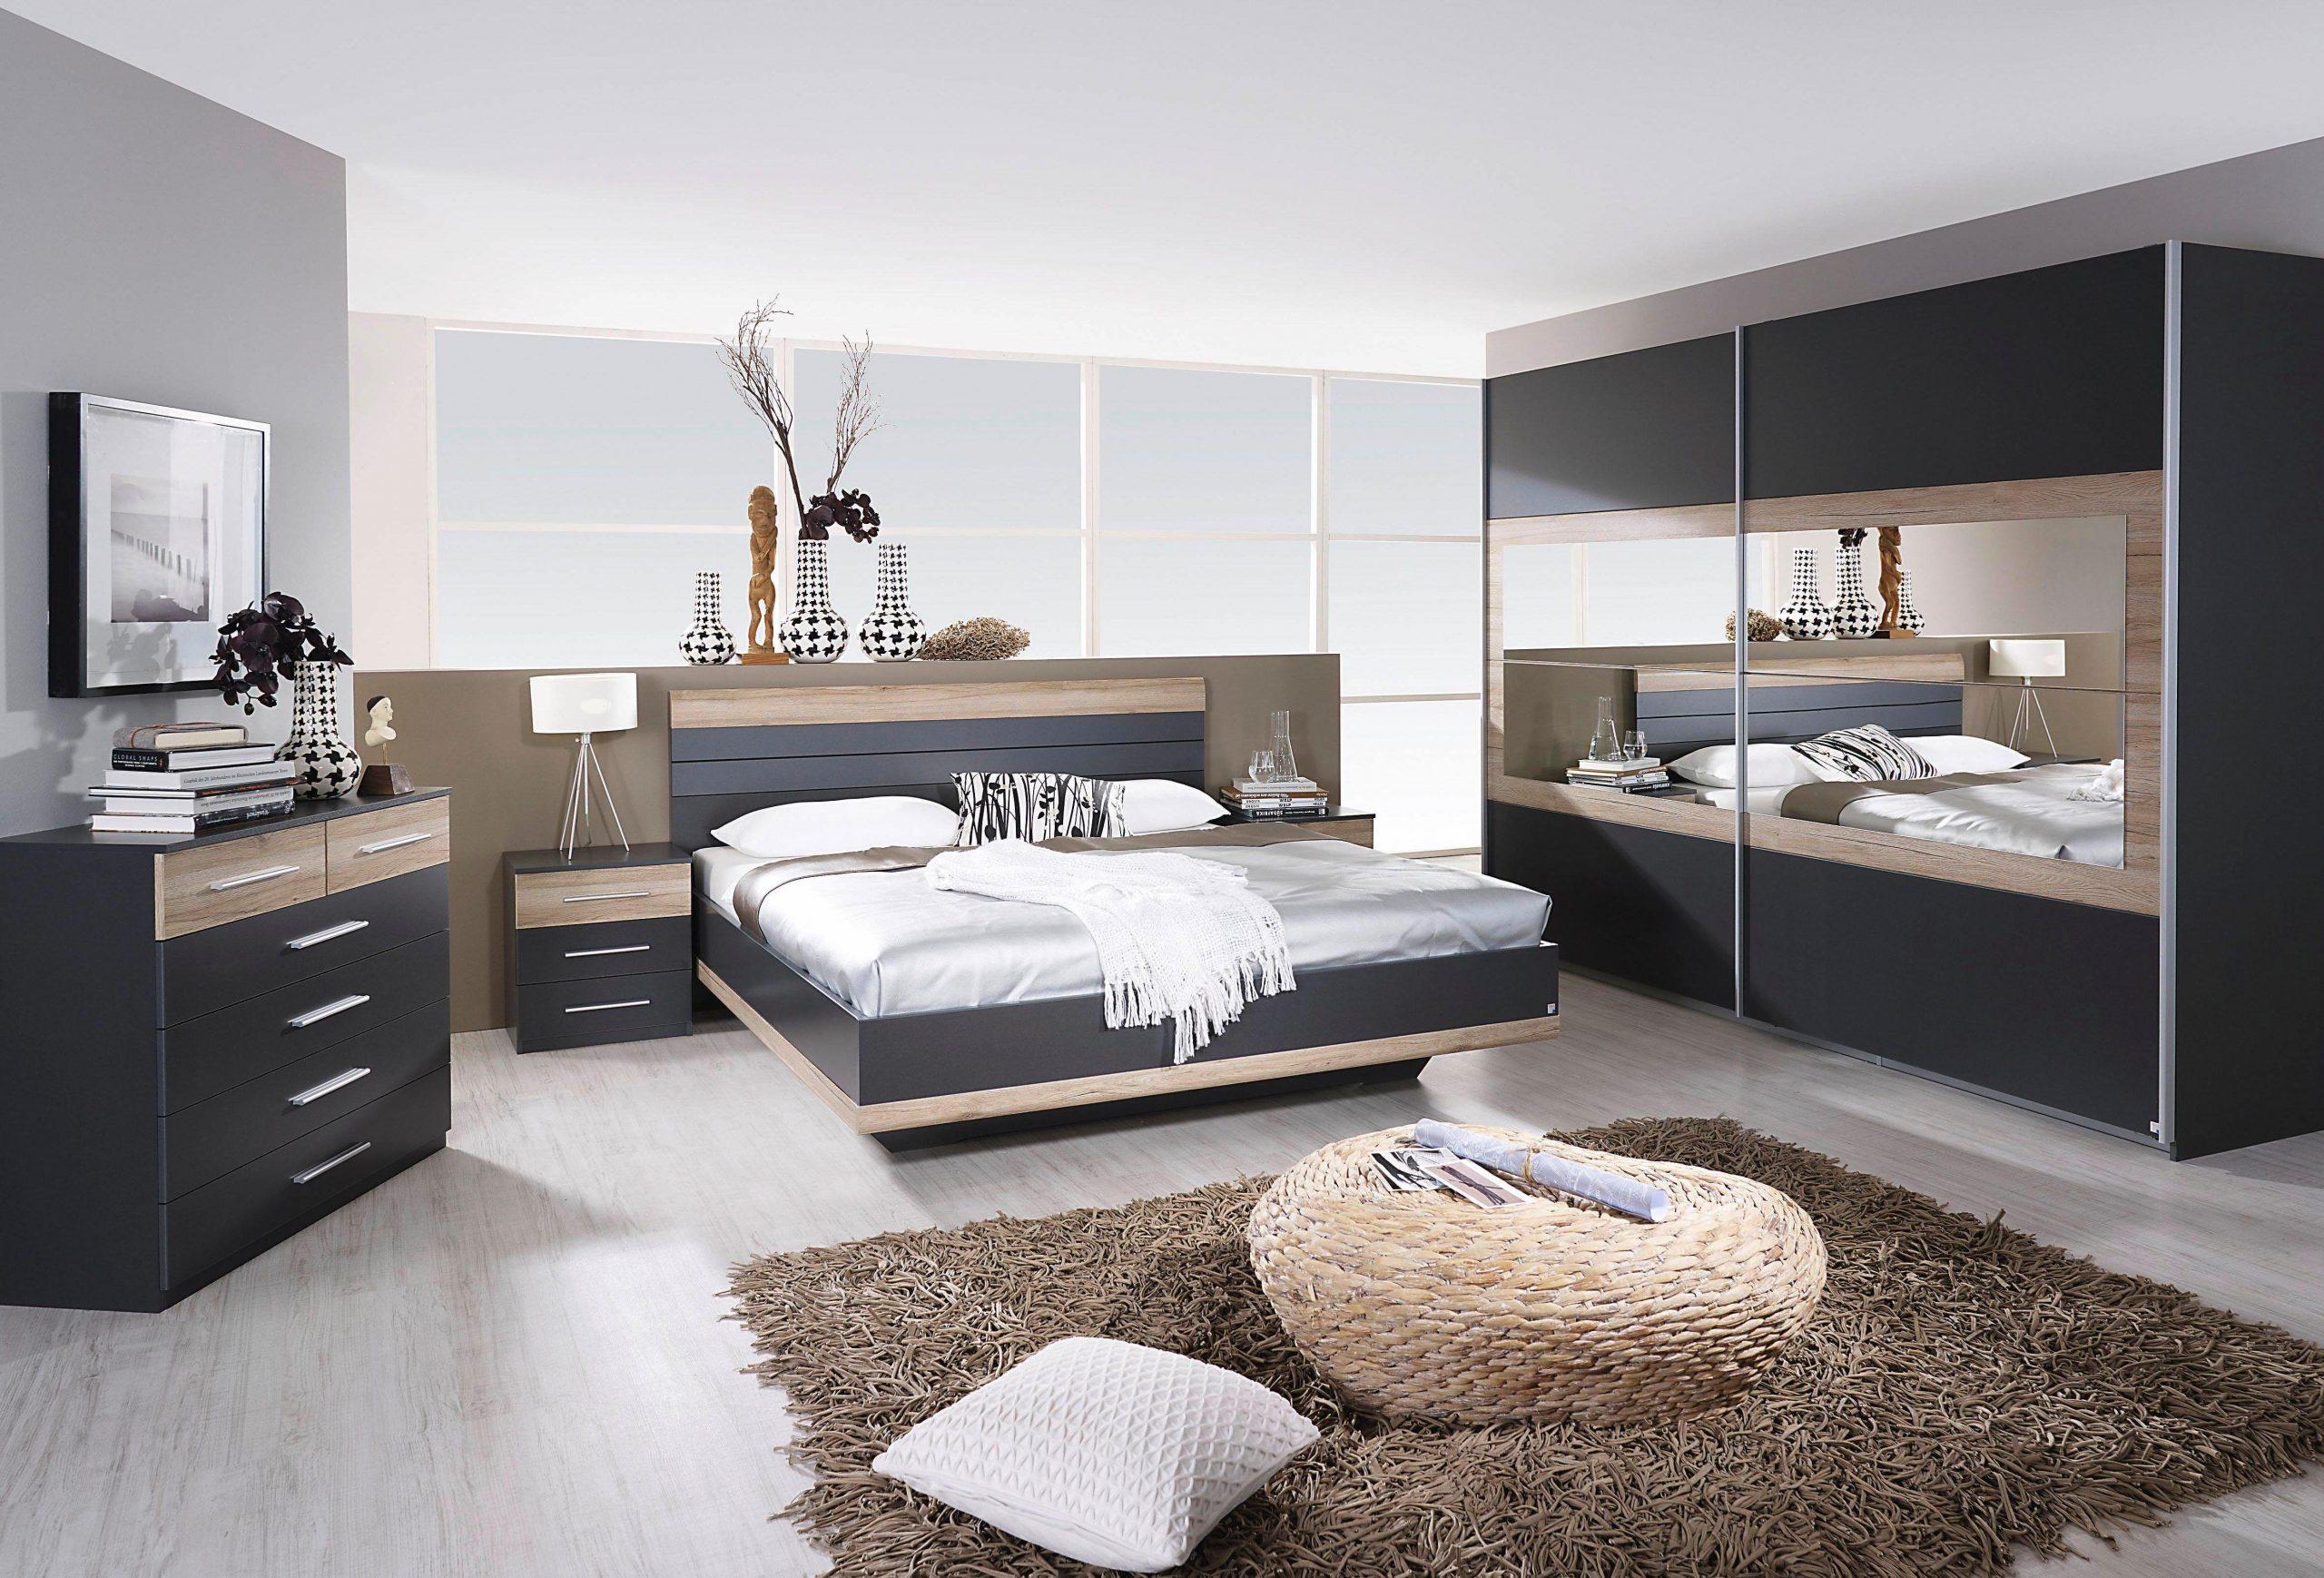 Full Size of Komplettes Schlafzimmer Warum Werden Weie Schlafzimmermbel Bevorzugt Schränke Klimagerät Für Stuhl Vorhänge Günstige Wandtattoo Günstig Weiss Rauch Schlafzimmer Komplettes Schlafzimmer